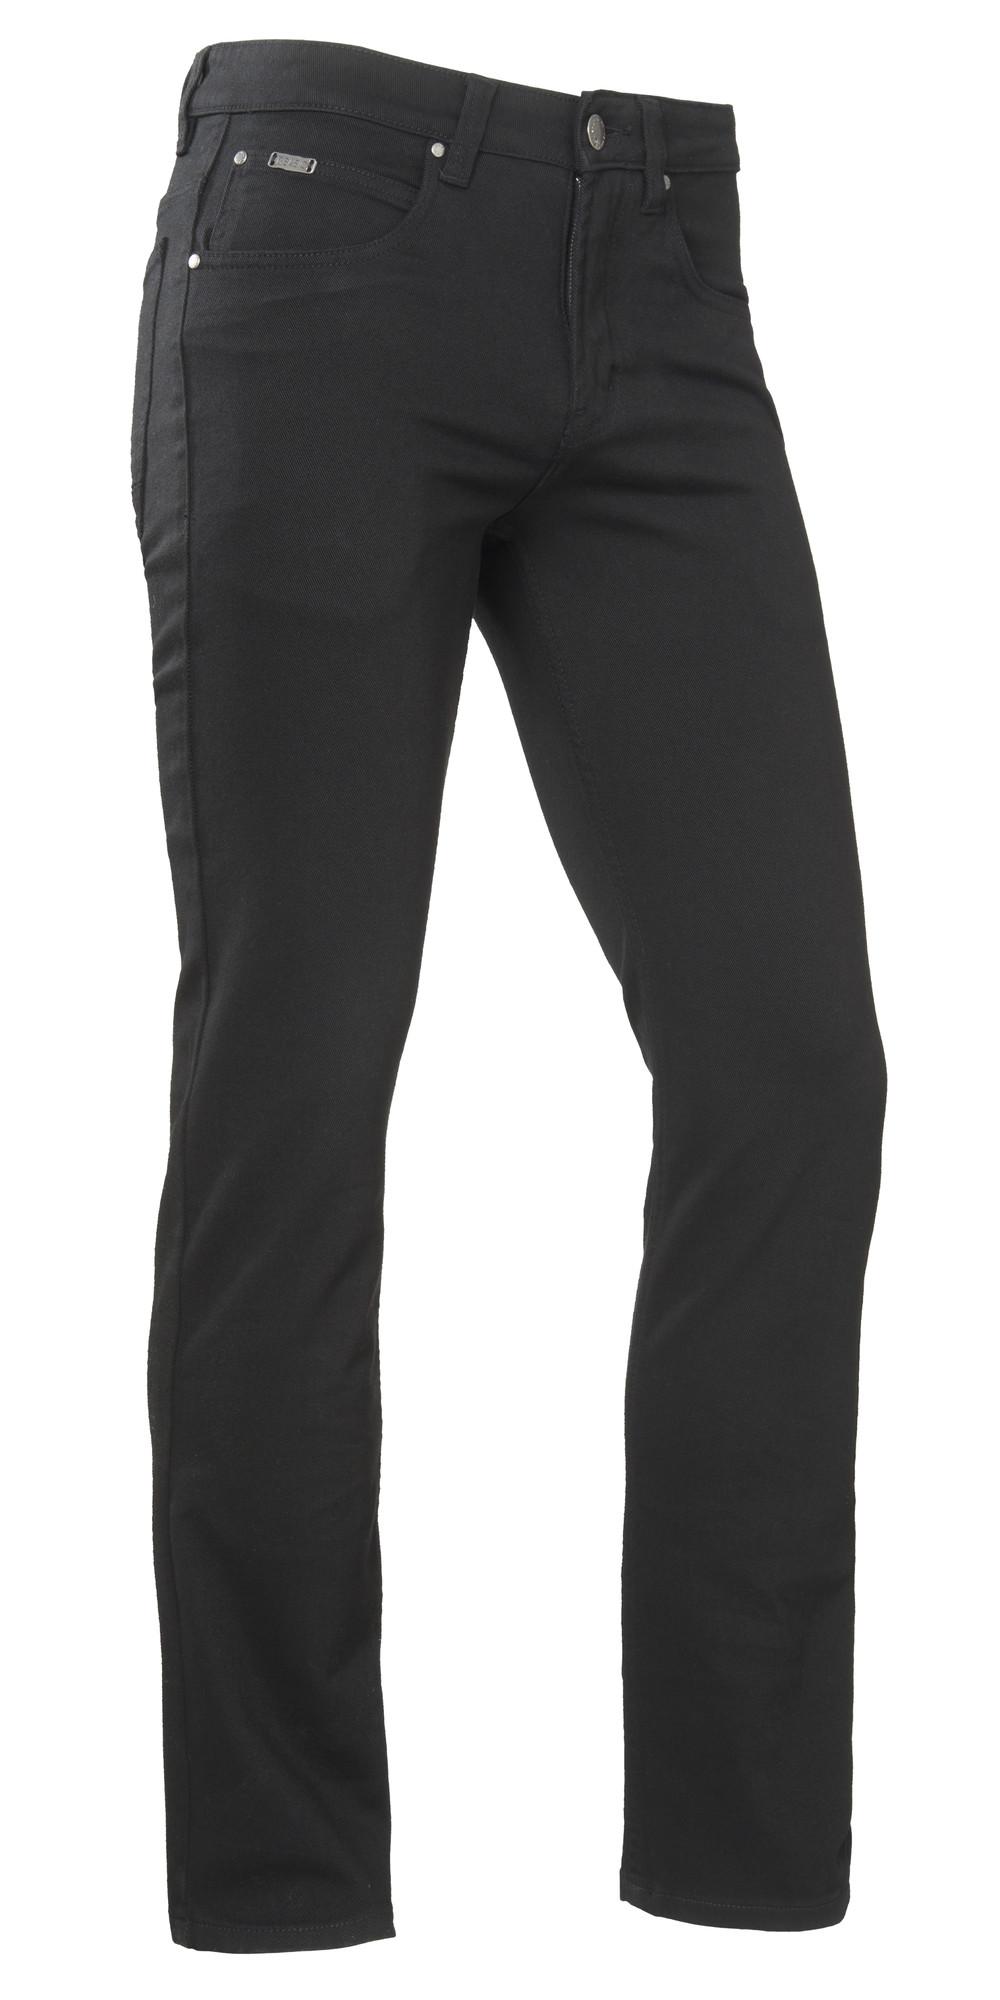 Brams Paris Danny Jeans Stretch (D51 Black Twill) W30-L30